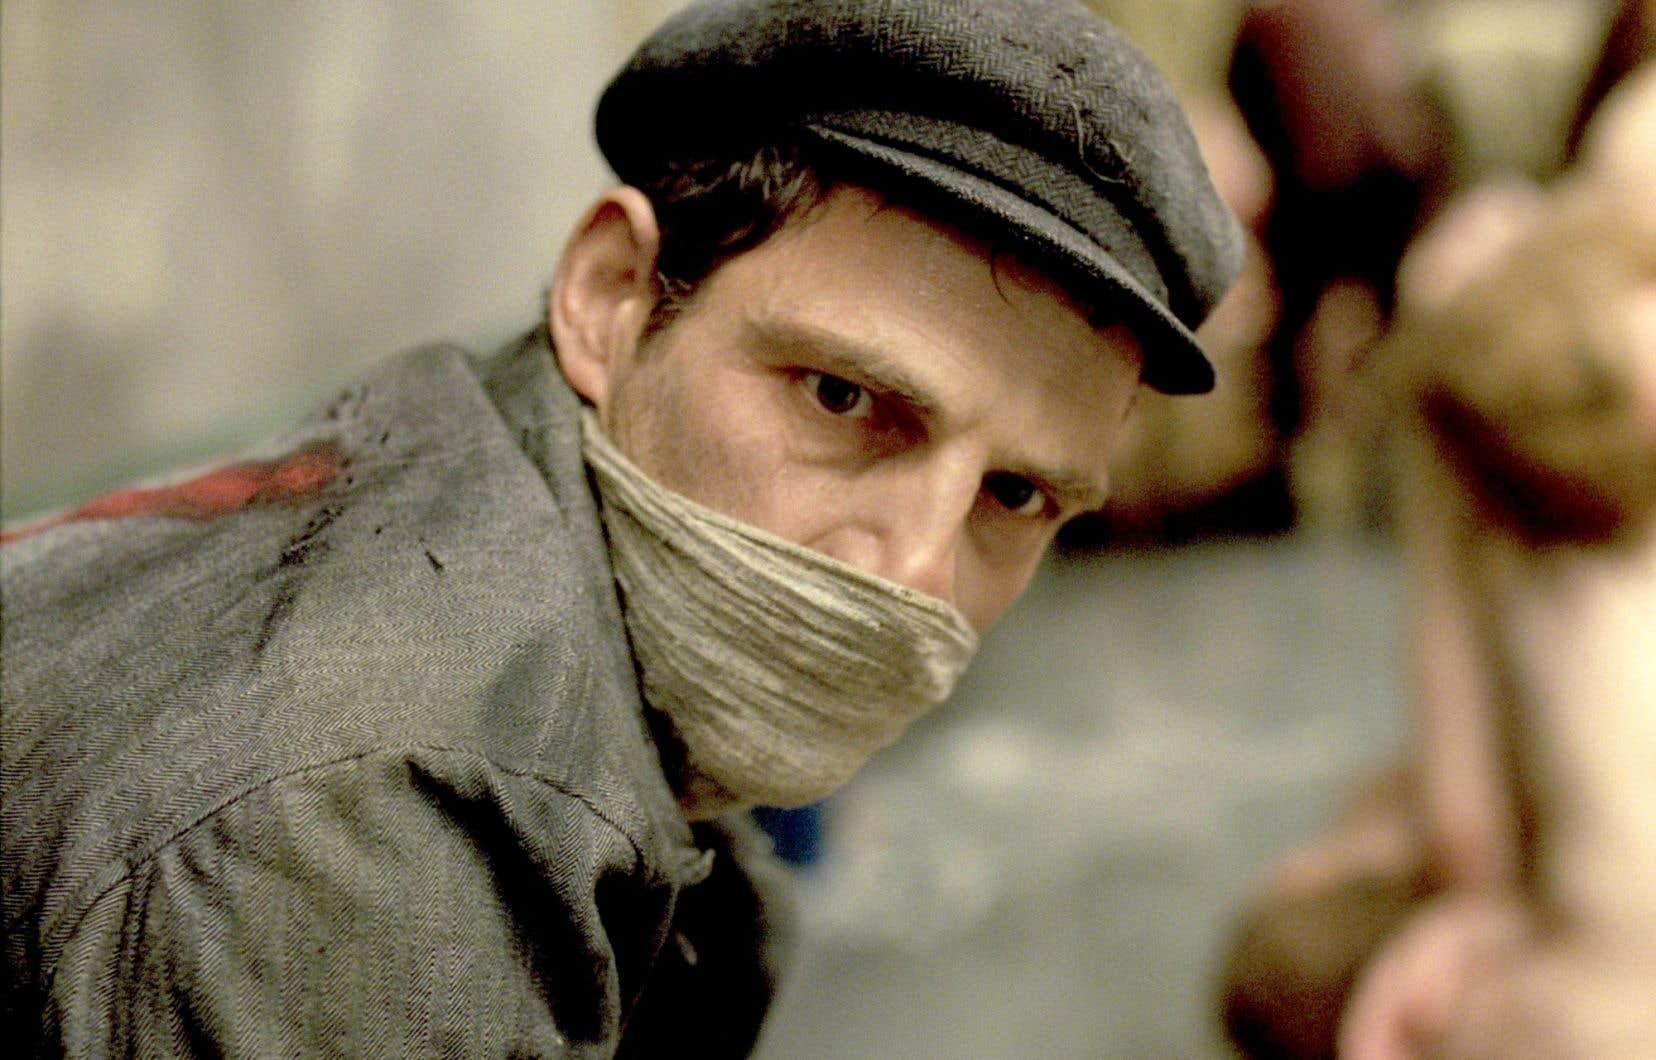 Le film hongrois «Le fils de Saul», de Laslo Nemes, aborde le quotidien de déportés juifs formés à entraîner les prisonniers dans les chambres à gaz d'Auschwitz.